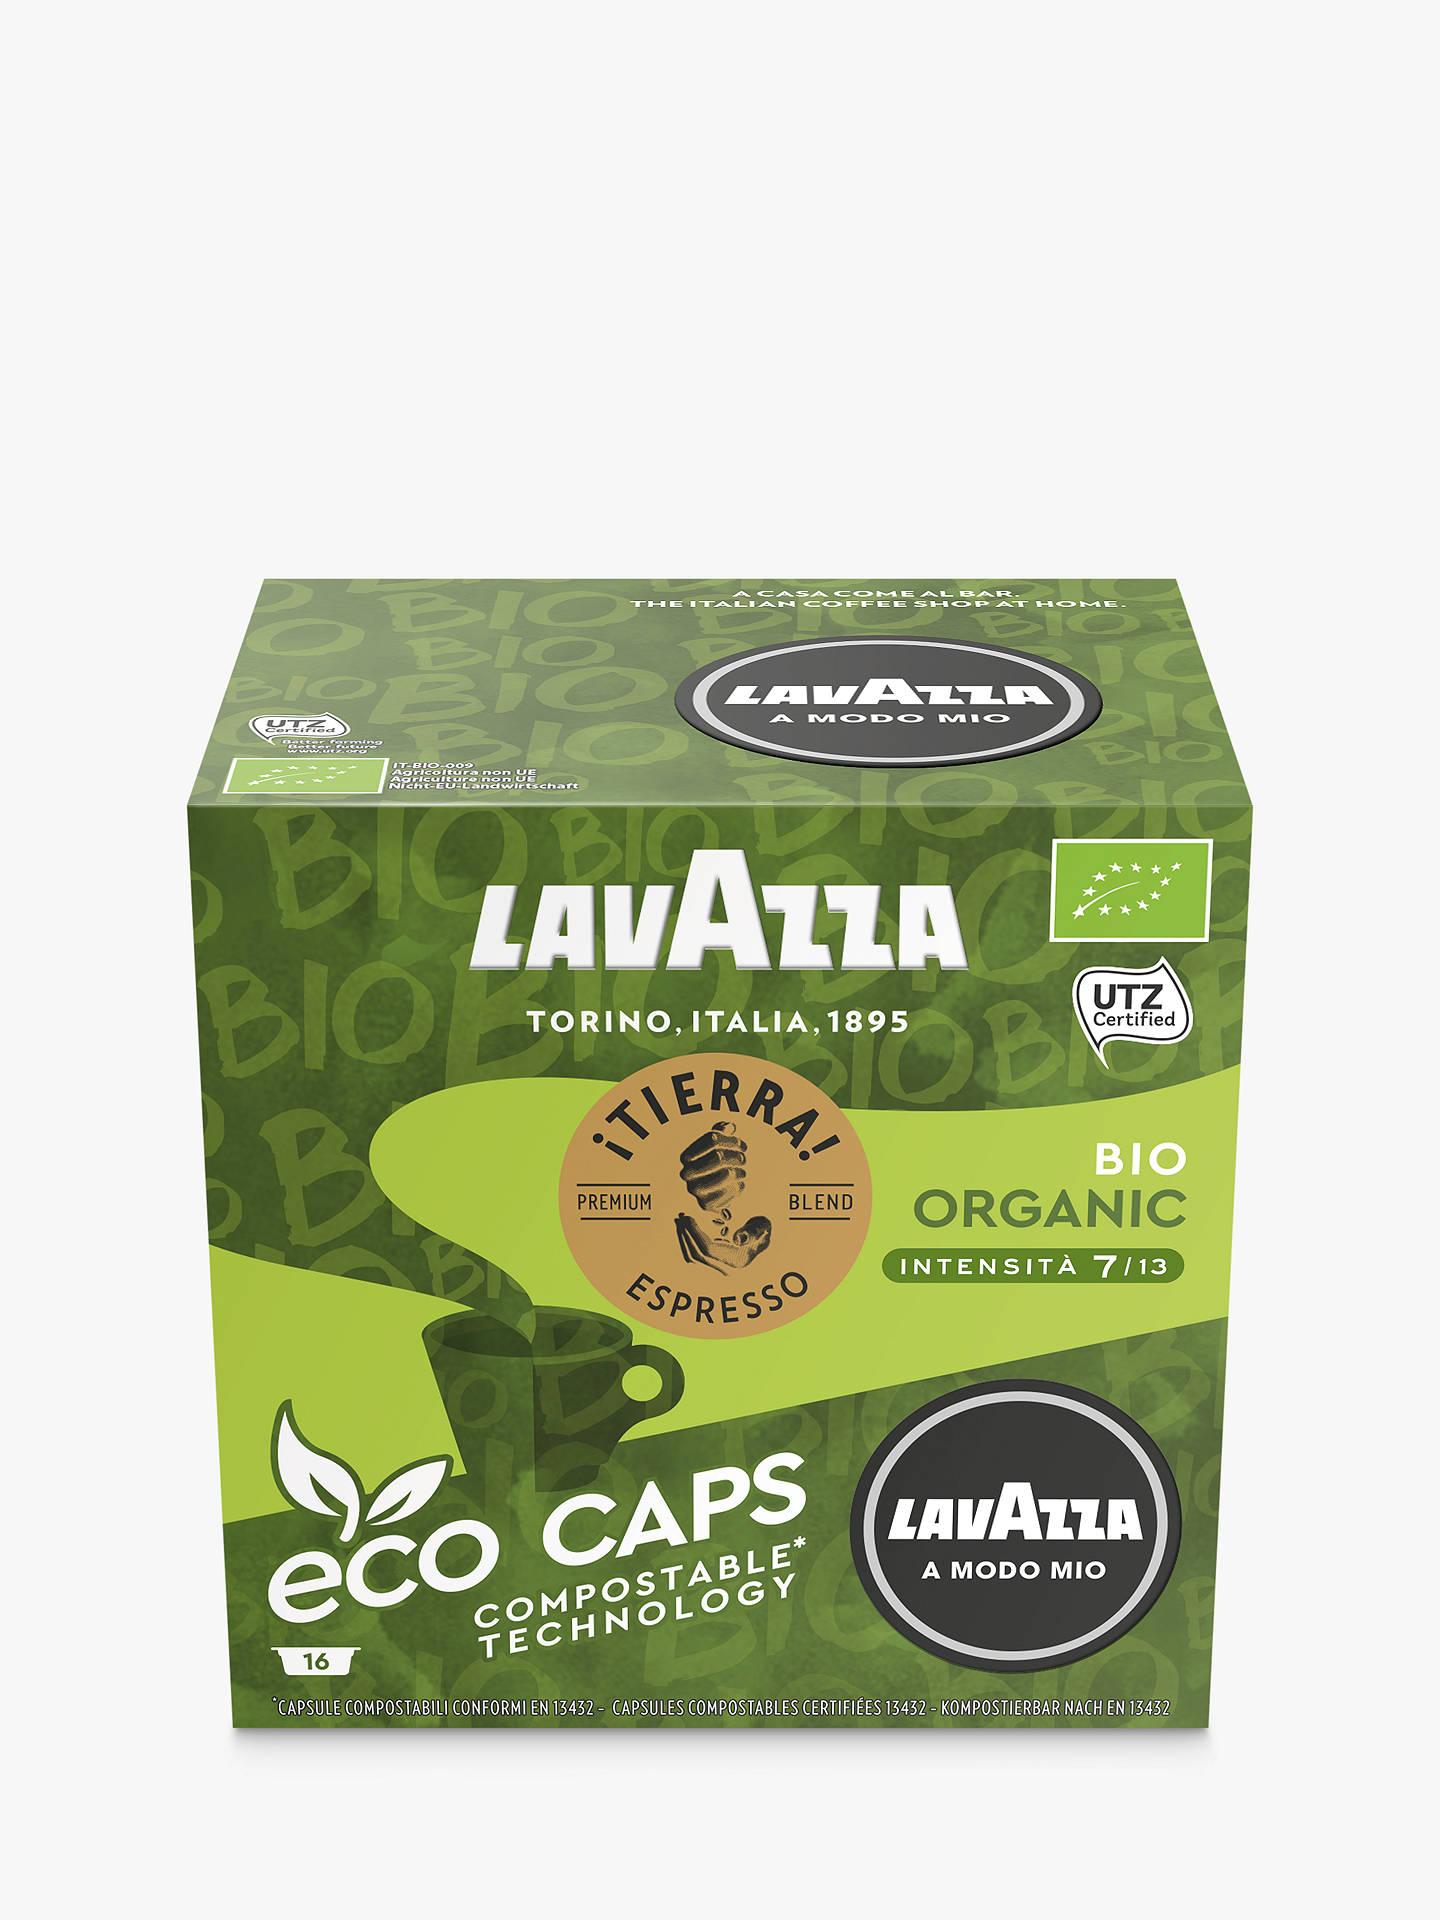 Lavazza Tierra Bio Organic A Modo Mio Espresso Eco Capsules Pack Of 16